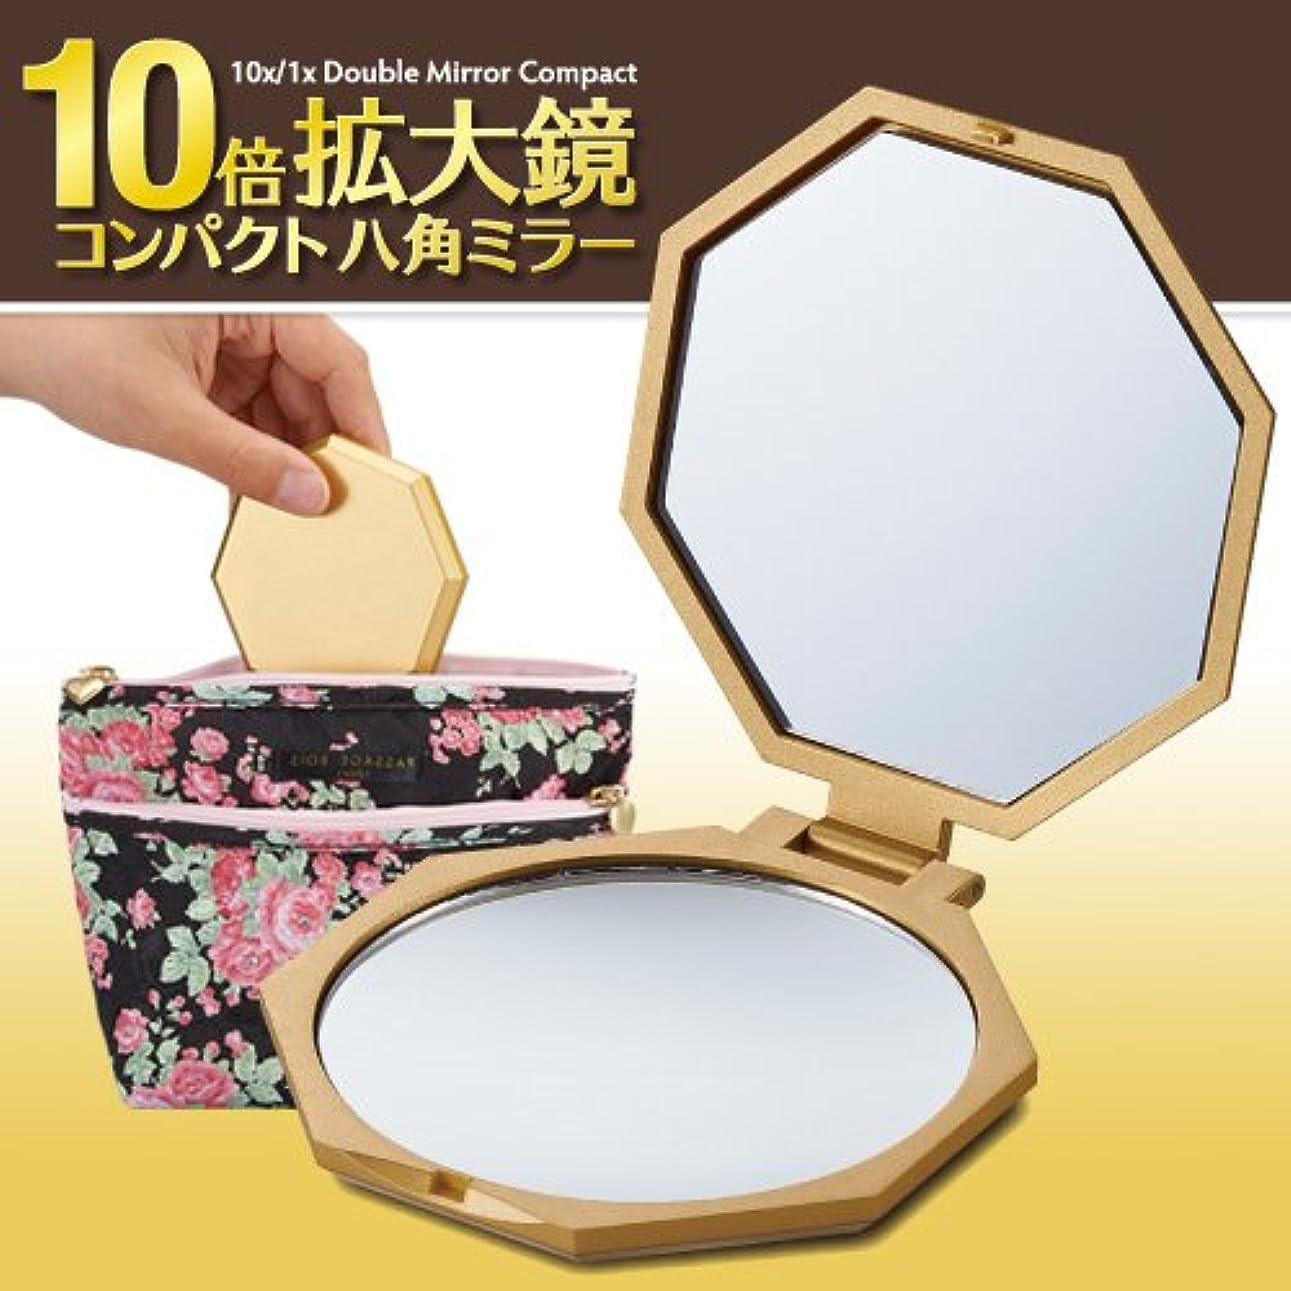 いつ八百屋データ八角形×金色の風水デザイン コンパクトな10倍拡大鏡付きミラー【携帯ミラー アイメイクなどの細かいお化粧用鏡】